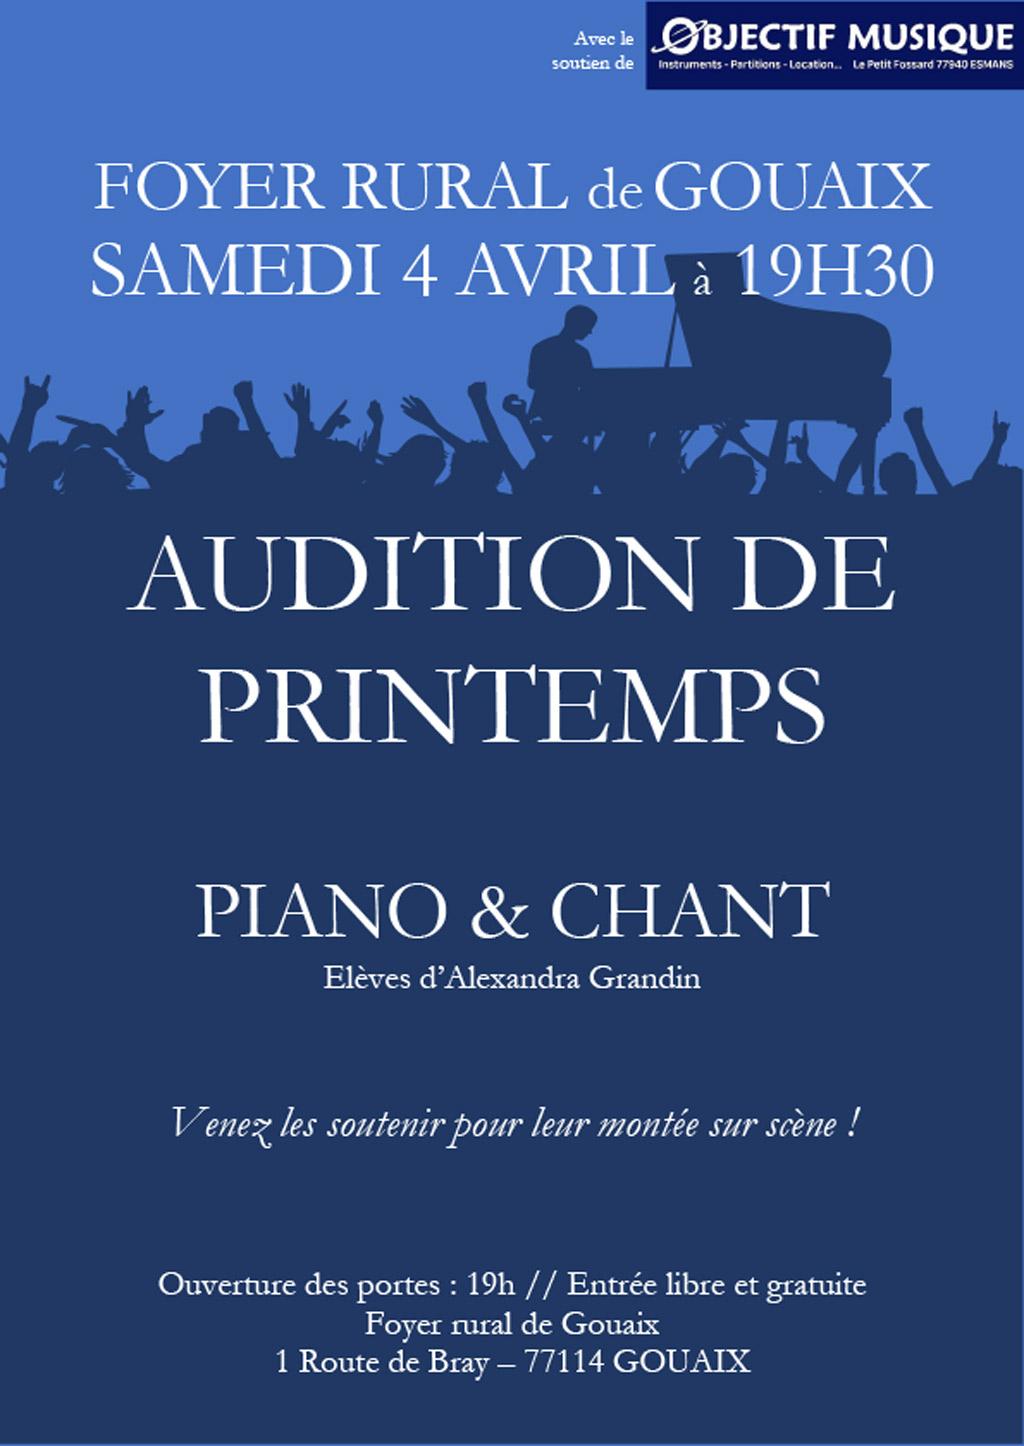 Audition de Pritemps